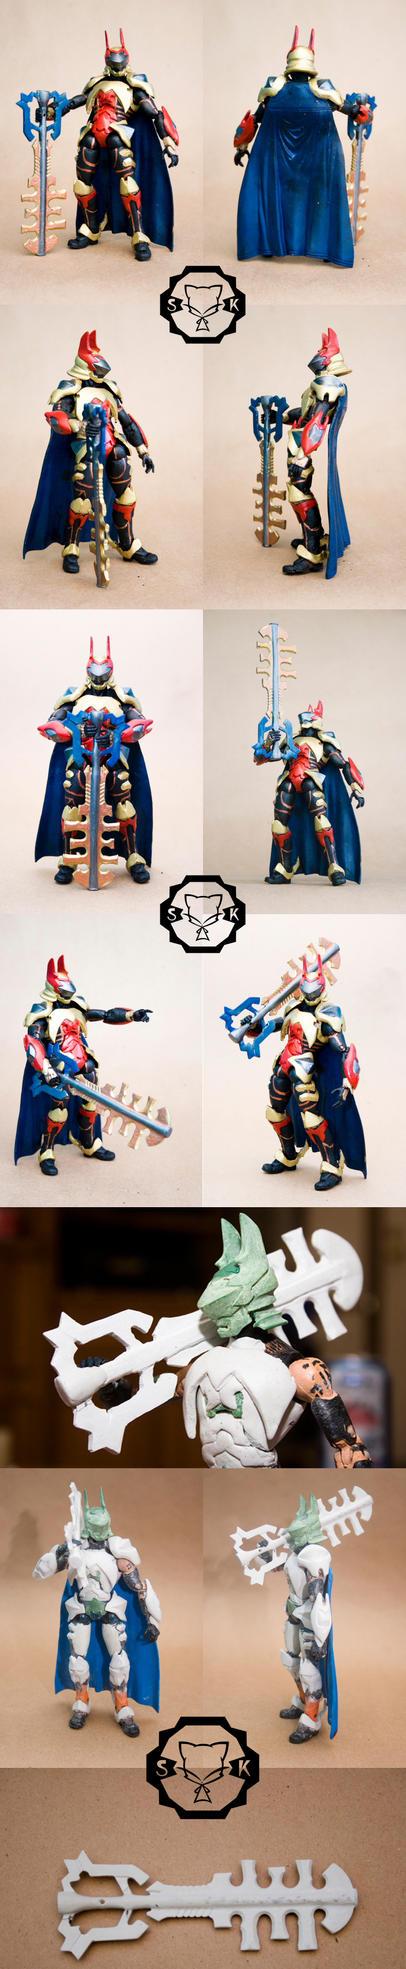 KH Terra custom poseable fig by SomaKun